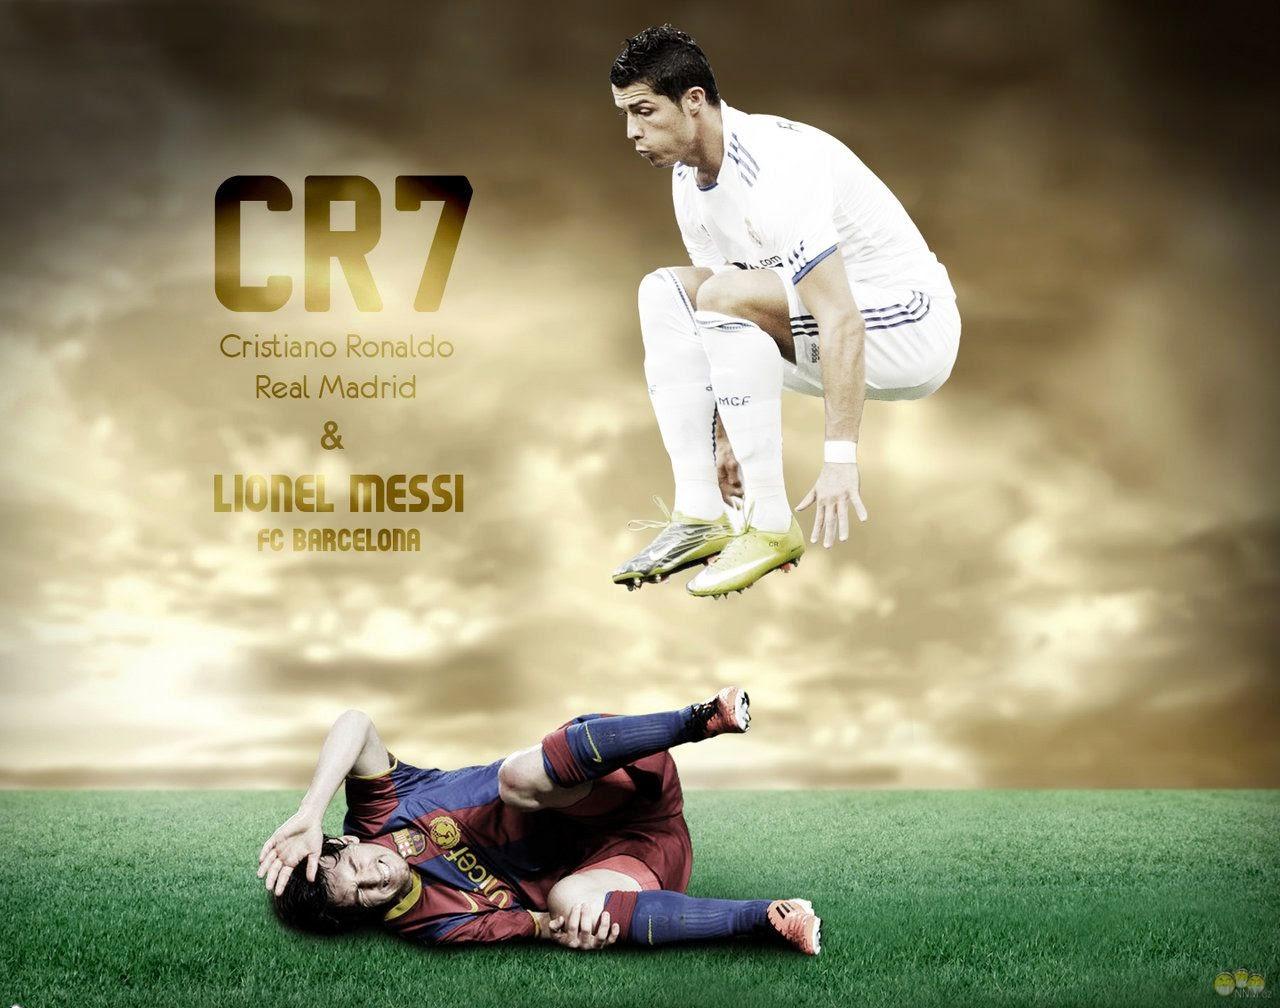 Cristiano-Ronaldo-Vs-Messi-Wallpaper-2014-Background-1-HD-Wallpapers ...